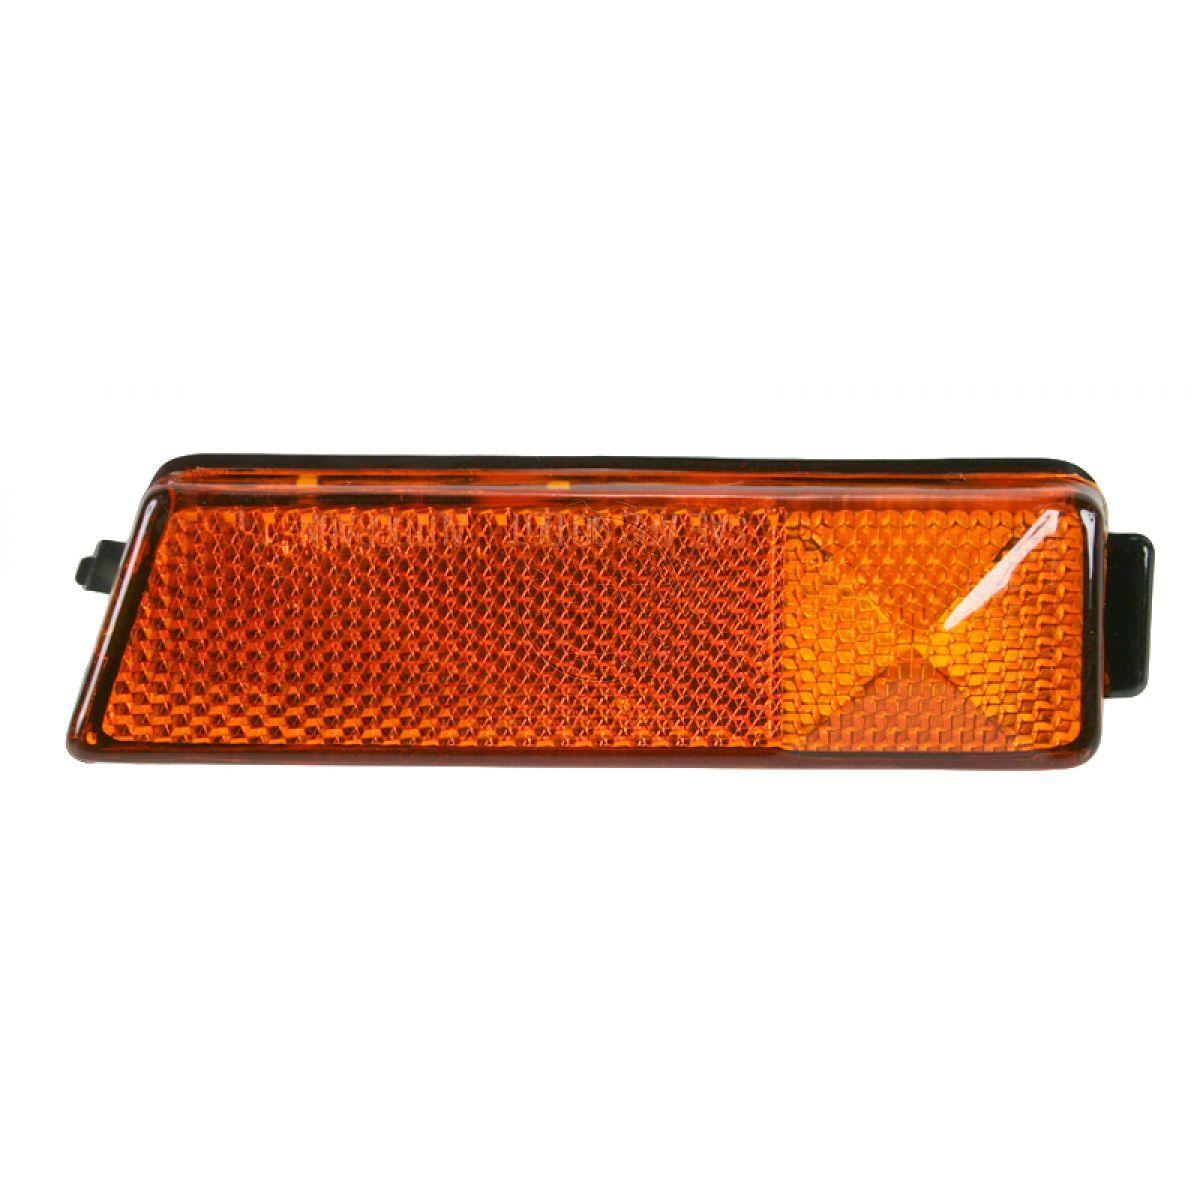 コーナーライト Side Marker Light LH Left for Volkswagen Golf 1993 1994-1999 サイドマーカーライトLH Left for Volkswagen Golf 1993 1994-1999